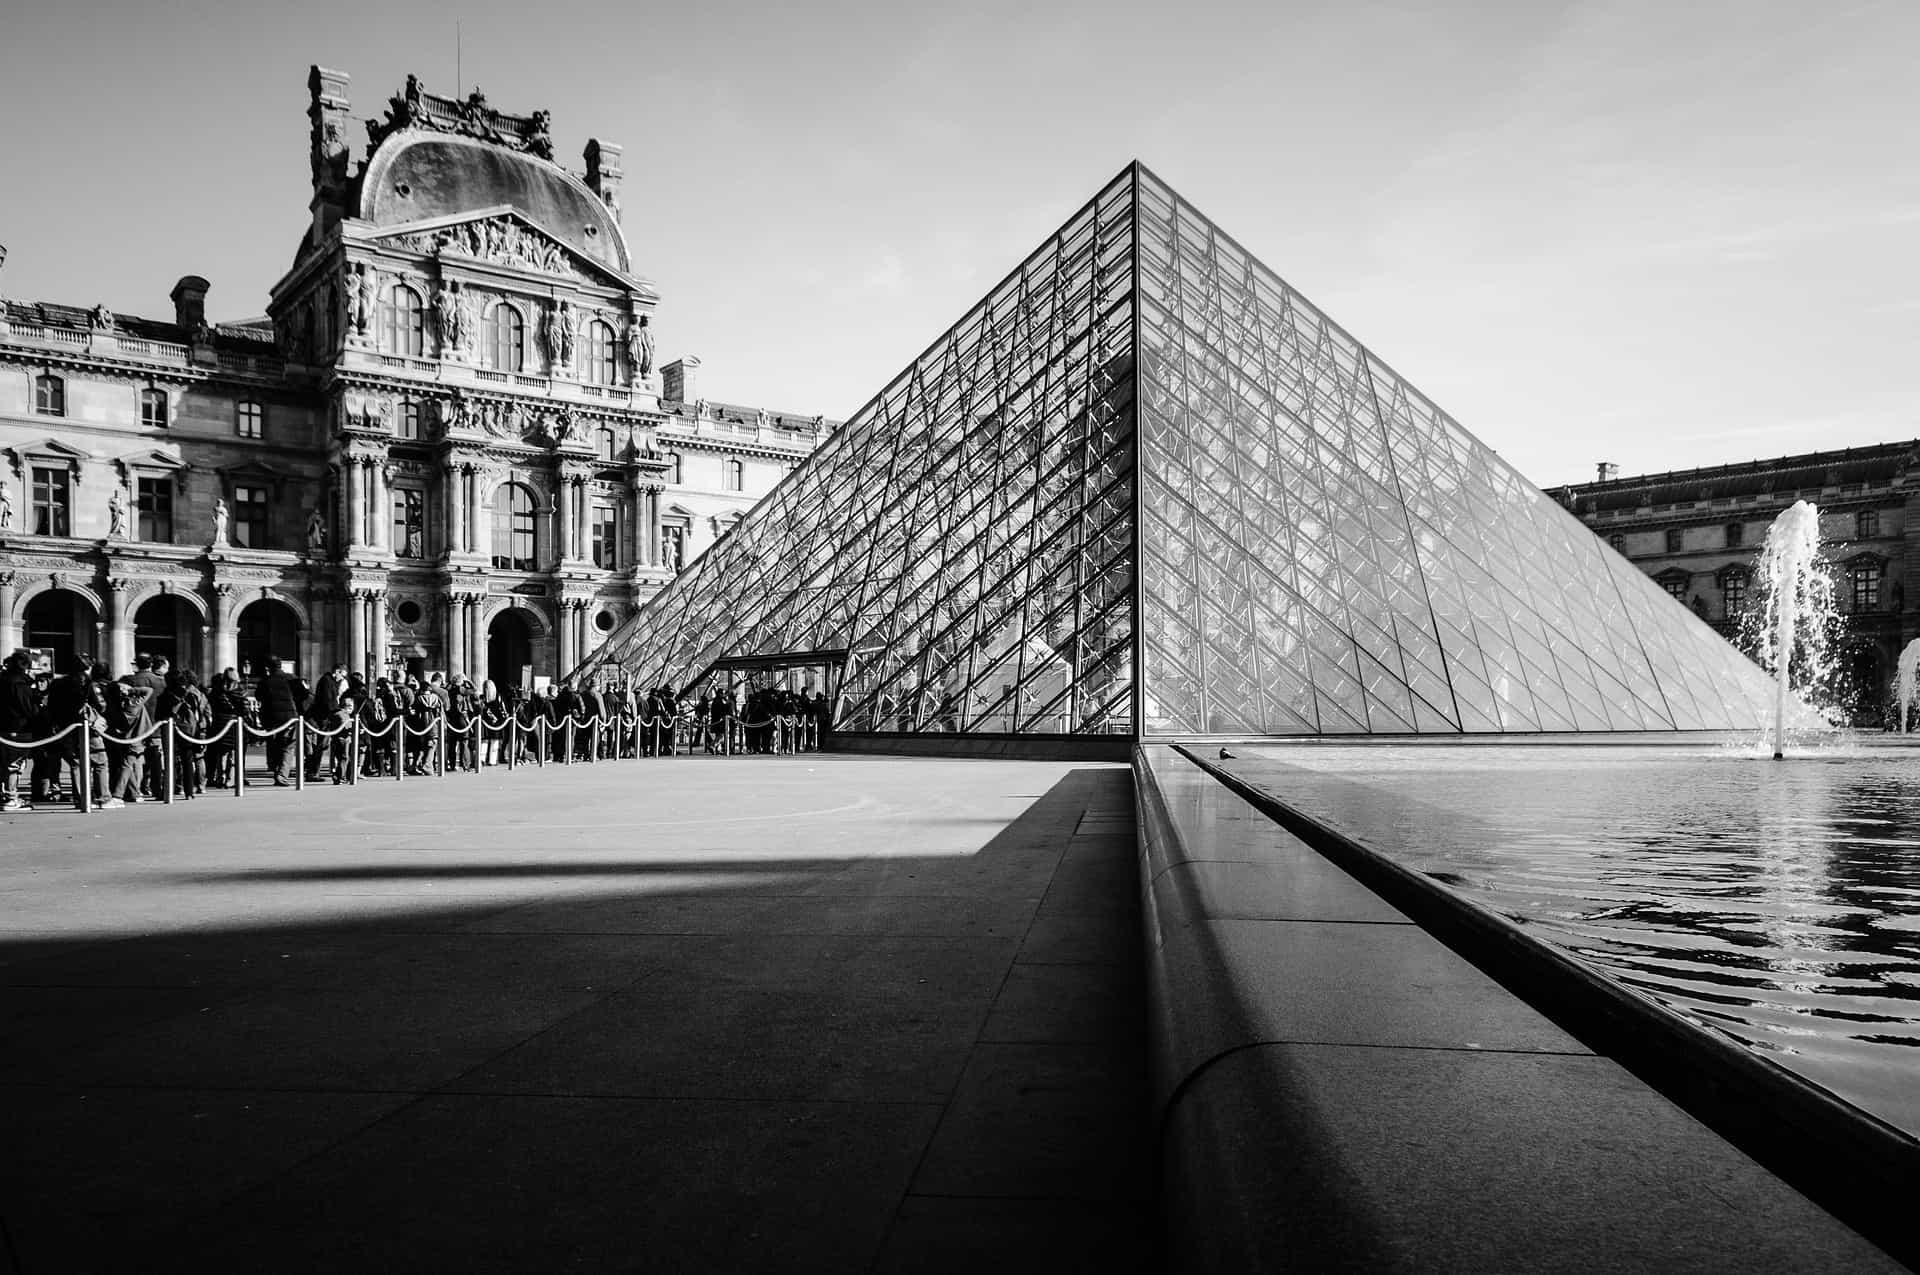 La oportunidad de disfrutar del Louvre sin colas